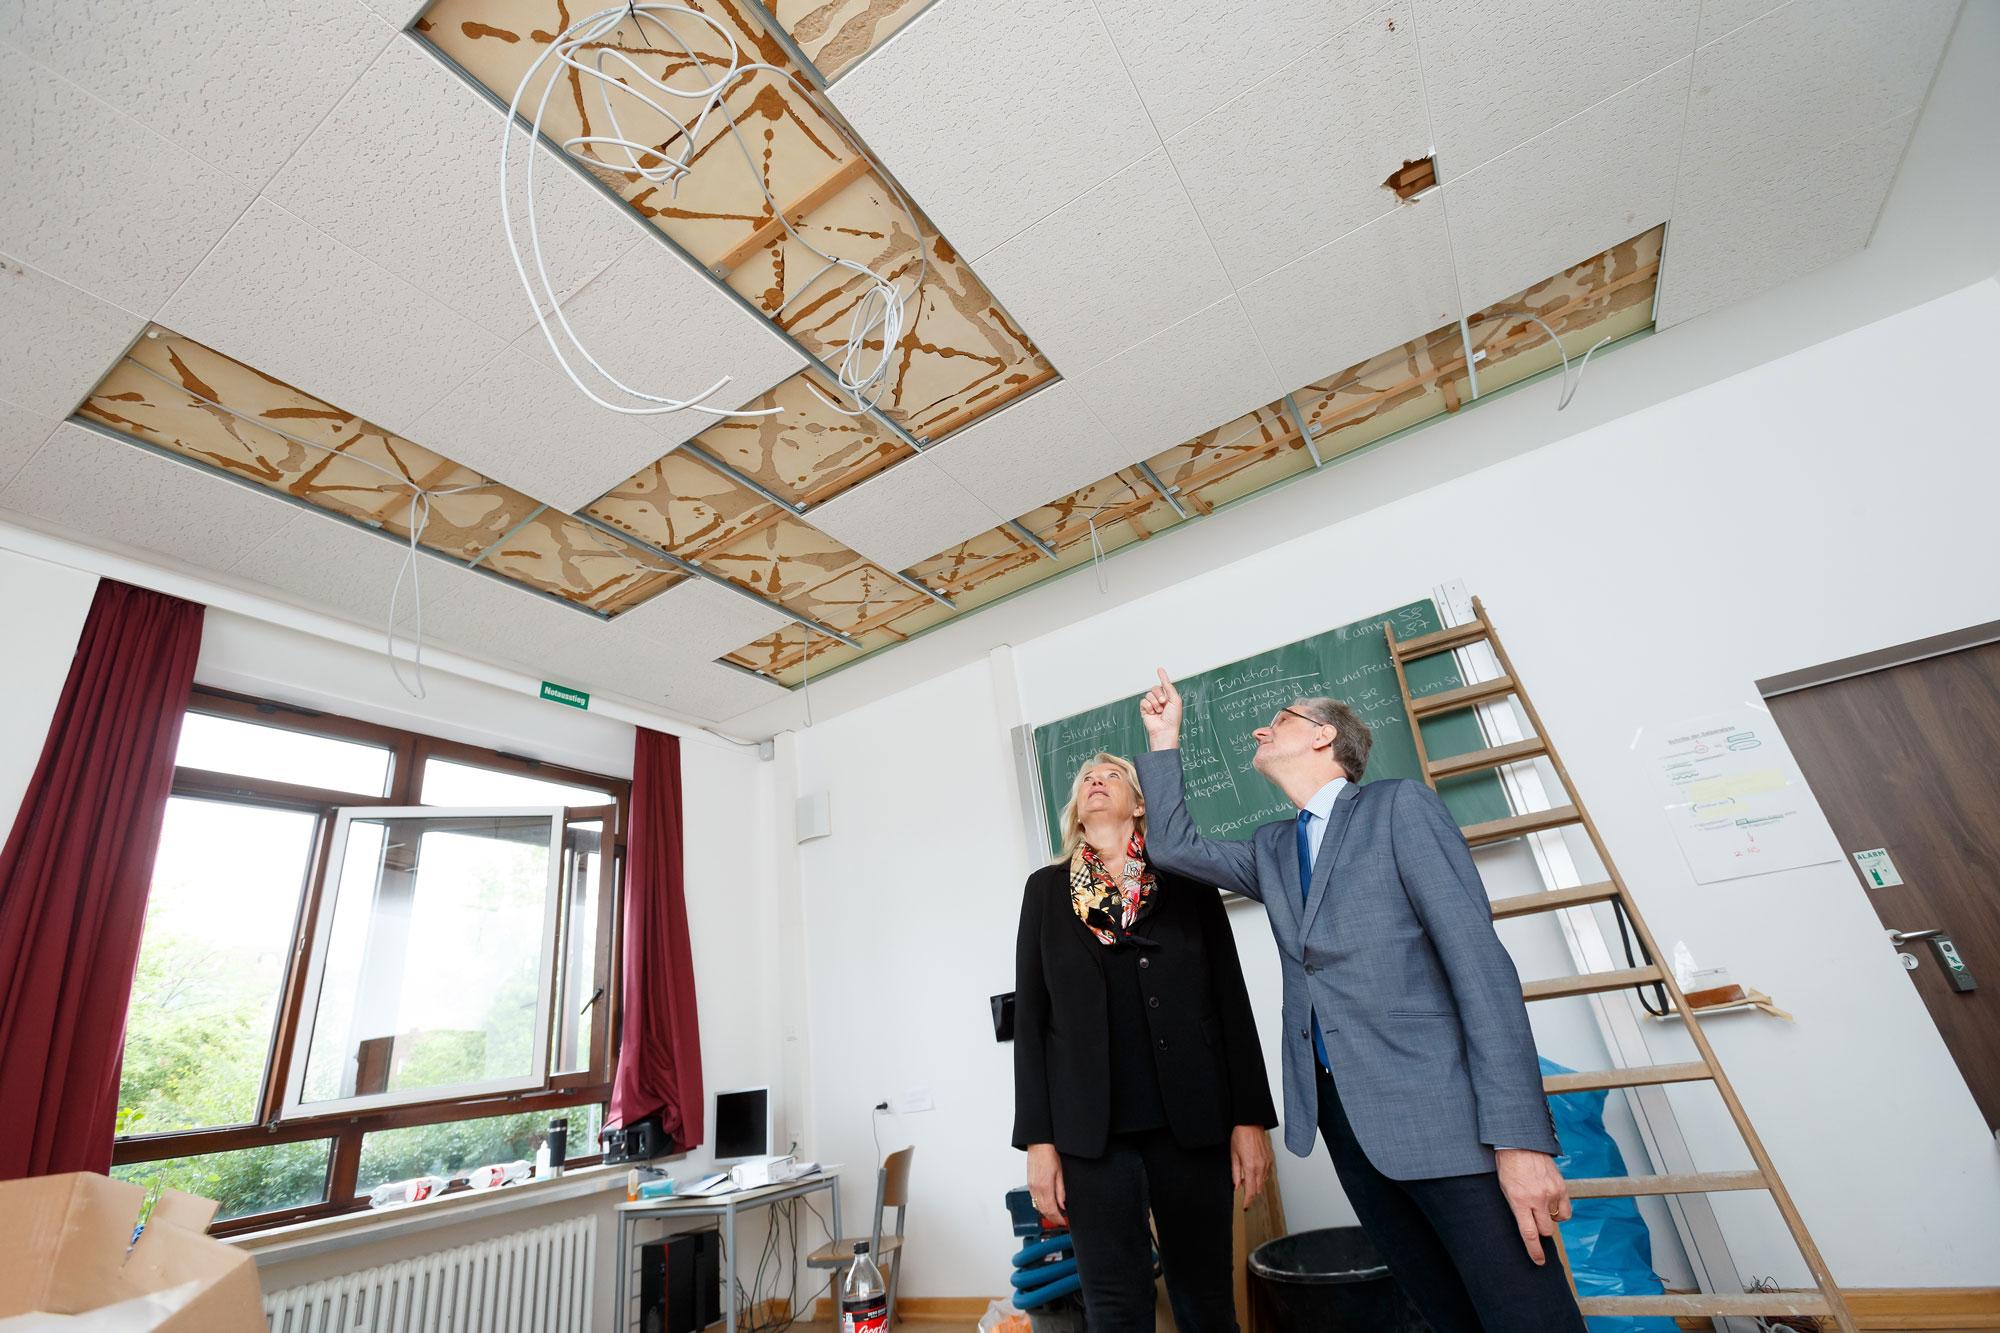 Stadtrat Matthias Peck und Antje Hemmen vom Amt für Immobilienmanagement erläutern das Modernisierungspaket für Münsters Schulen. (Foto: Presseamt Münster)